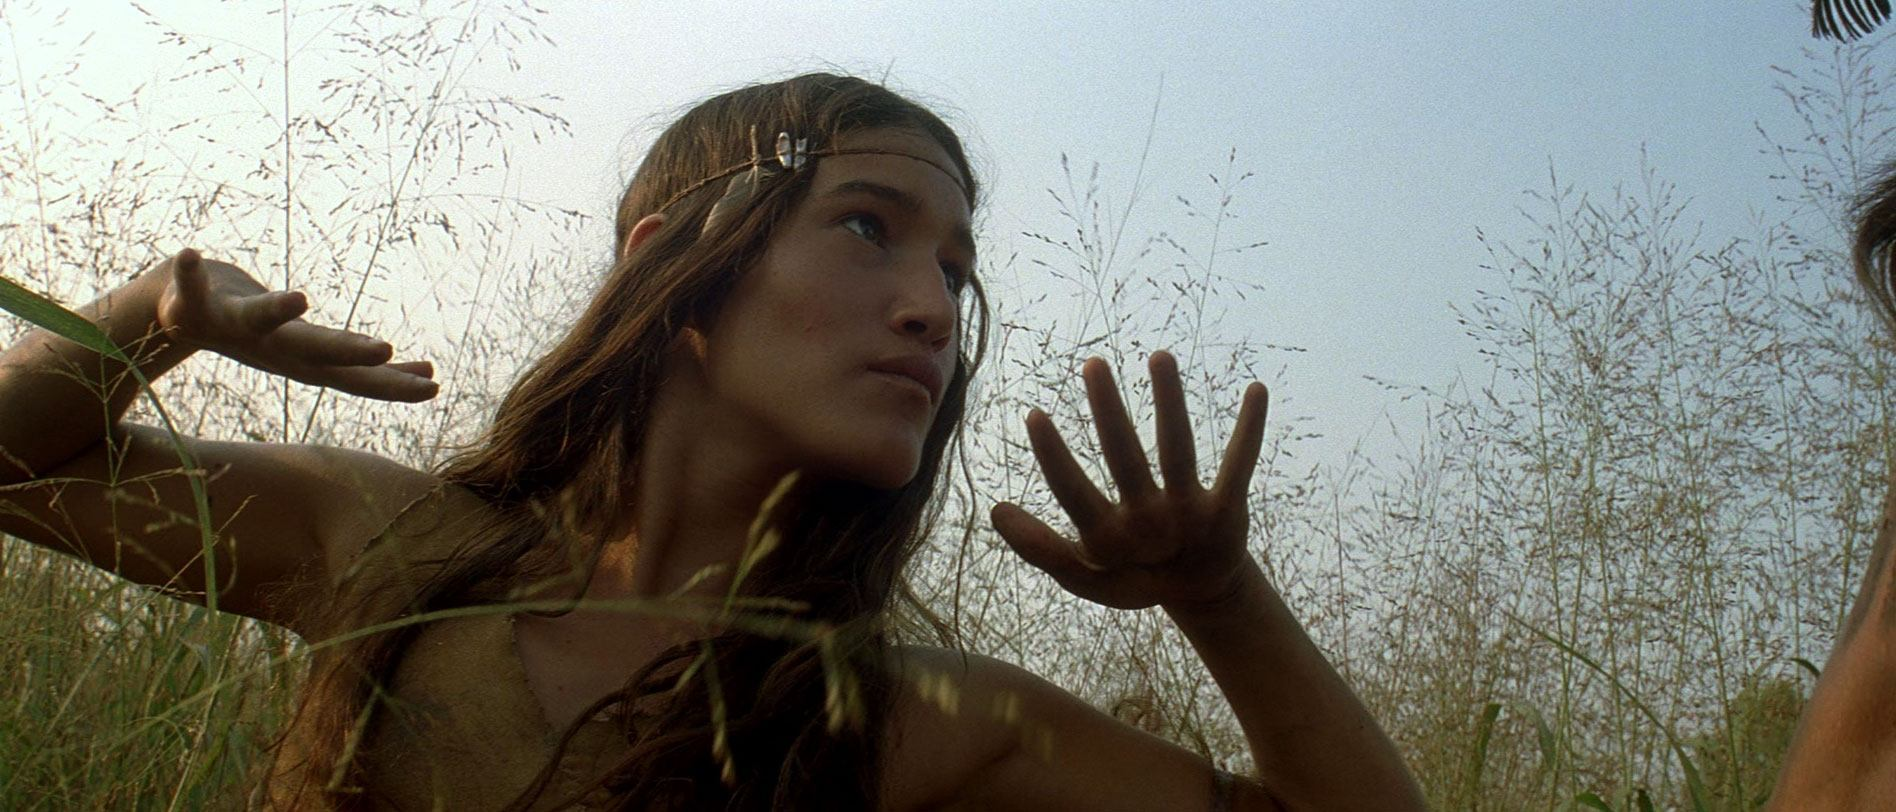 Le Nouveau Monde, réalisé par Terrence Malick, Metropolitan FilmExport © 2005